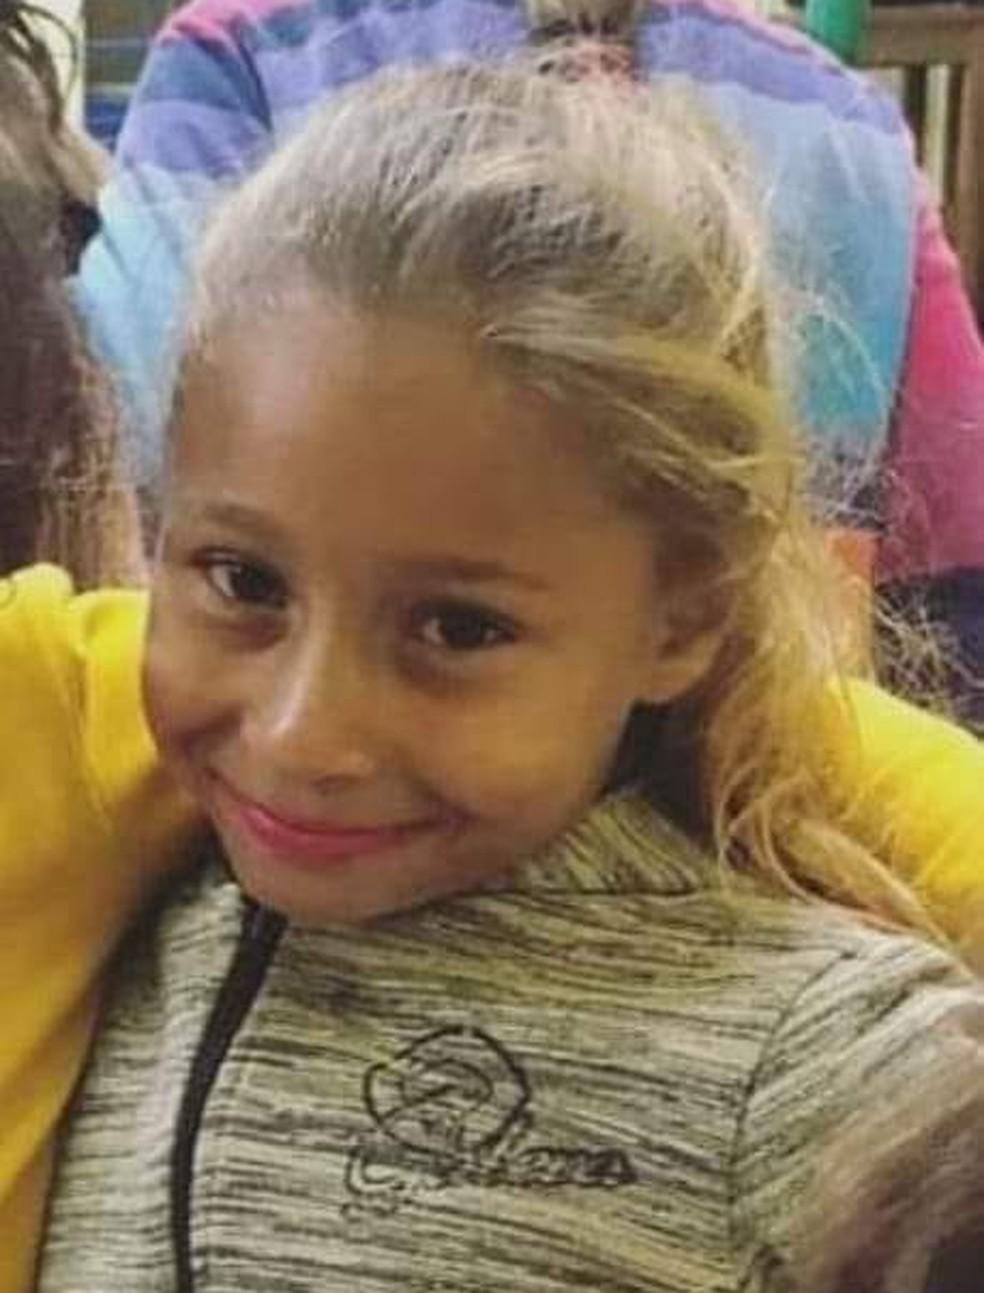 Emanuelle desapareceu na sexta-feira (10), enquanto brincava em uma praça perto de casa — Foto: Arquivo pessoal